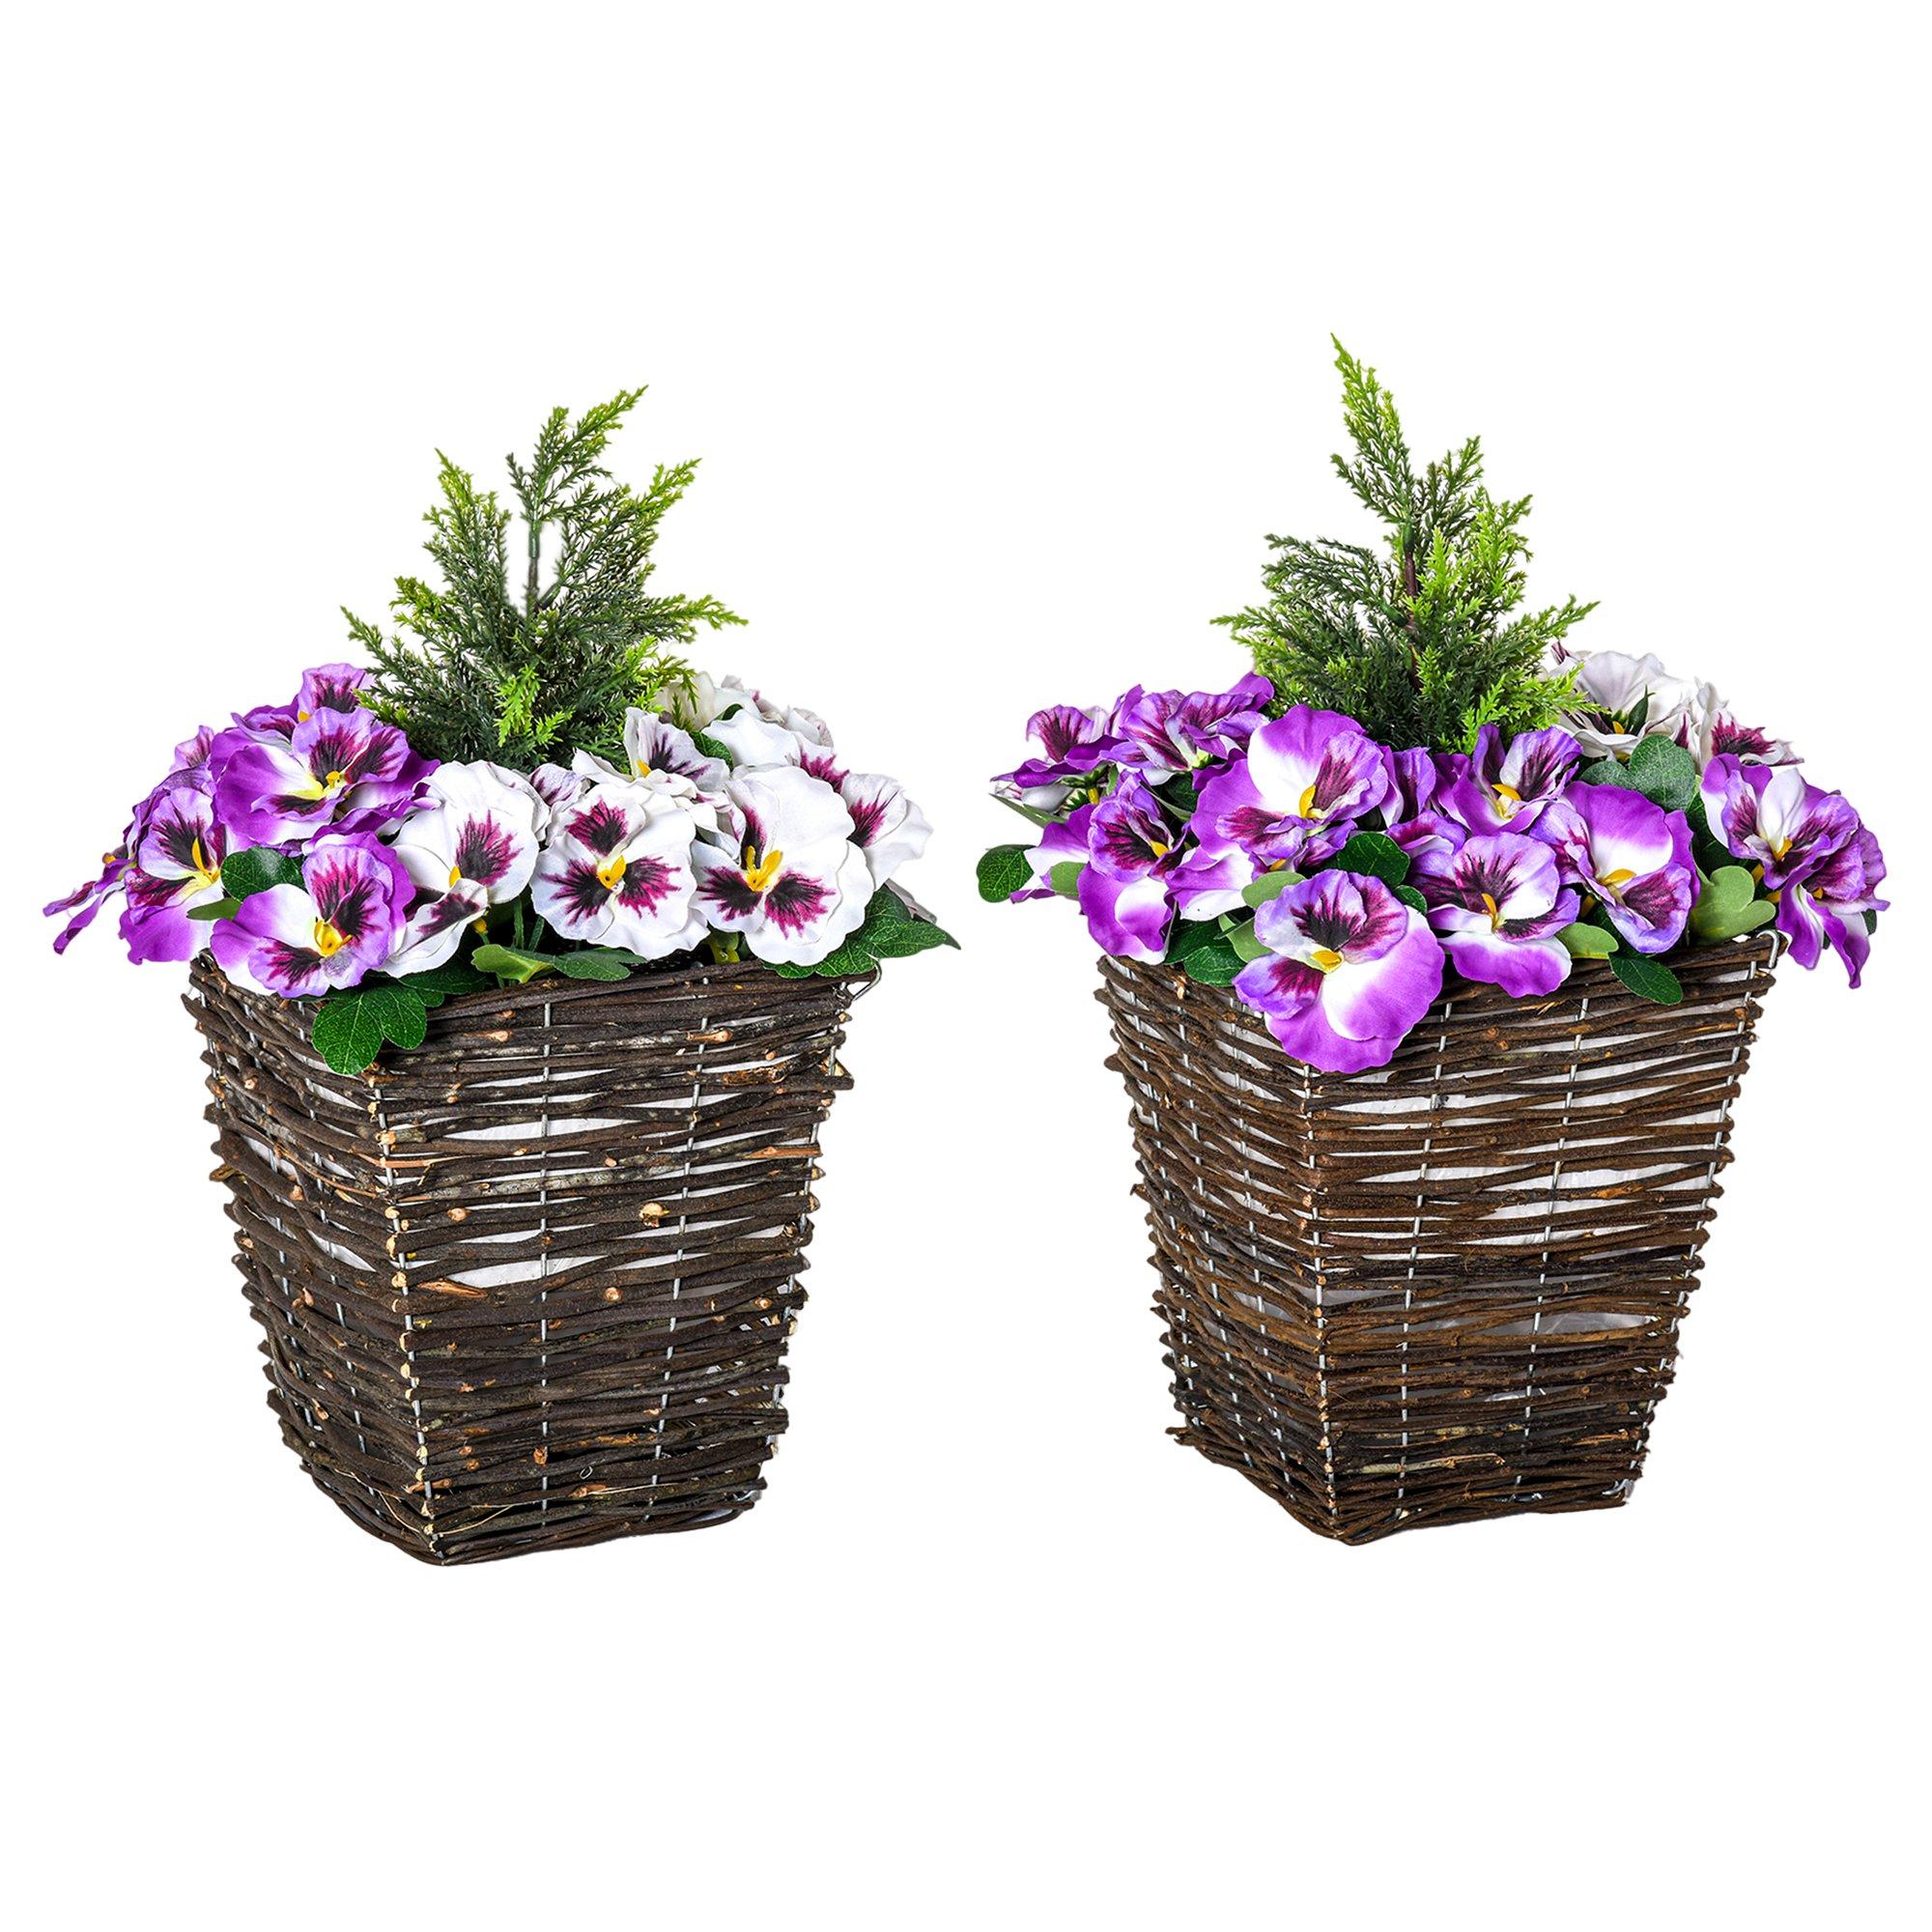 Outsunny Ghiveci cu Flori Artificiale de Phalaenopsis Violete si Albe Planta Artificiala Inalta 45cm imagine aosom.ro